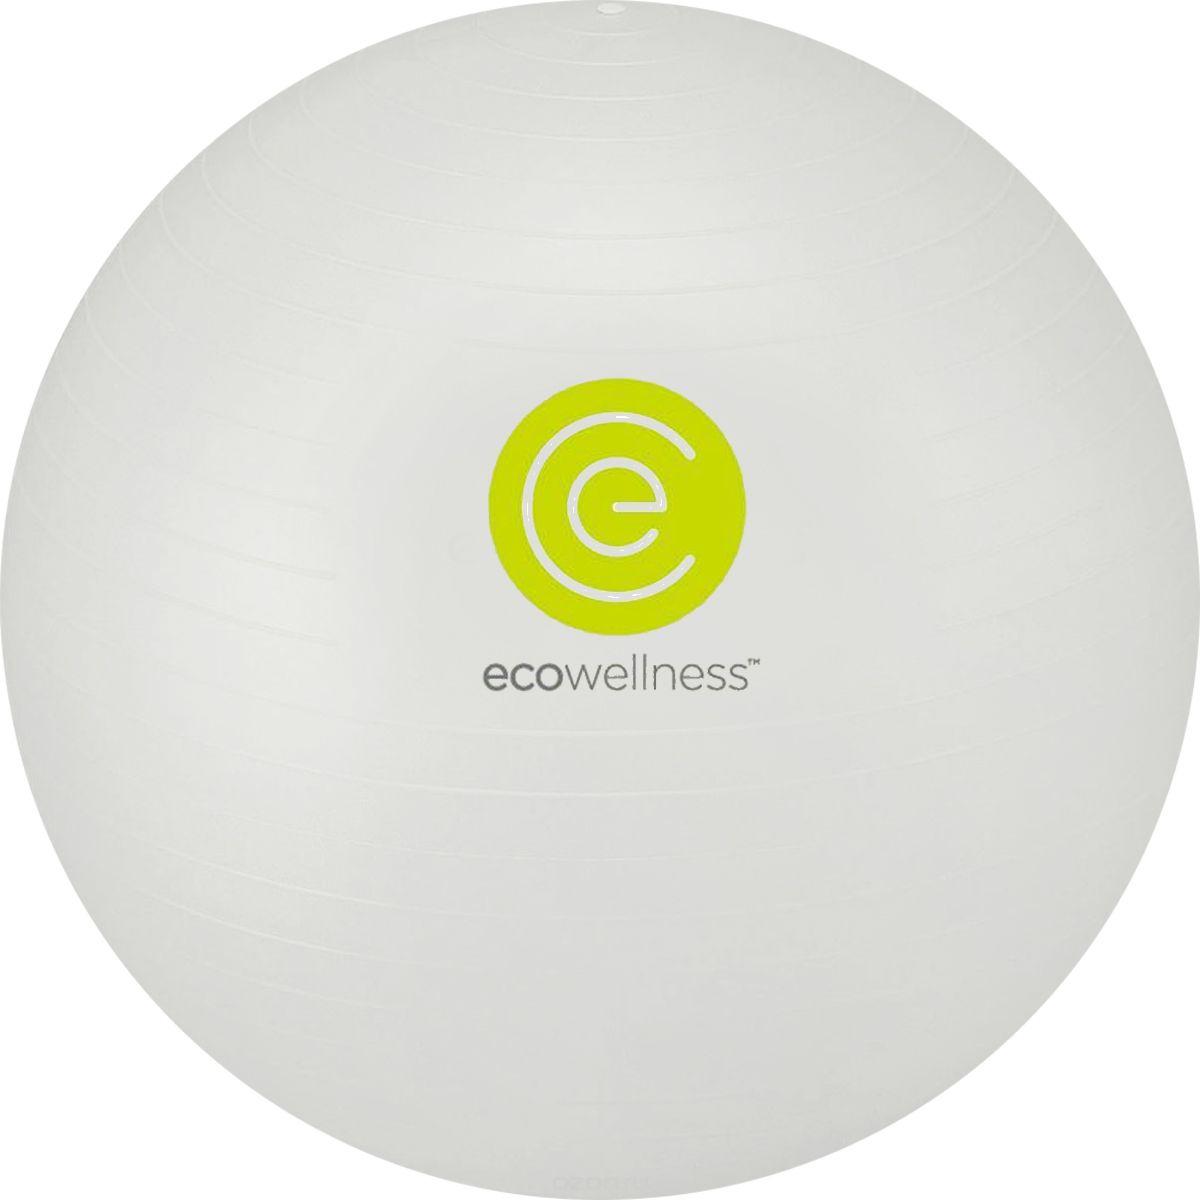 Мяч гимнастический Ecowellness, c ручным насосом, цвет: серебристый, диаметр 75 смУТ-00007271Мяч Ecowellness предназначен для гимнастических и медицинских целей в лечебных упражнениях. Он выполнен из прочного гипоаллергенного ПВХ. Прекрасно подходит для использования в домашних условиях. Данный мяч можно использовать для: реабилитации после травм и операций, восстановления после перенесенного инсульта, стимуляции и релаксации мышечных тканей, улучшения кровообращения, лечении и профилактики сколиоза, при заболеваниях или повреждениях опорно-двигательного аппарата.УВАЖЕМЫЕ КЛИЕНТЫ!Обращаем ваше внимание на тот факт, что мяч поставляется в сдутом виде. Насос входит в комплект.